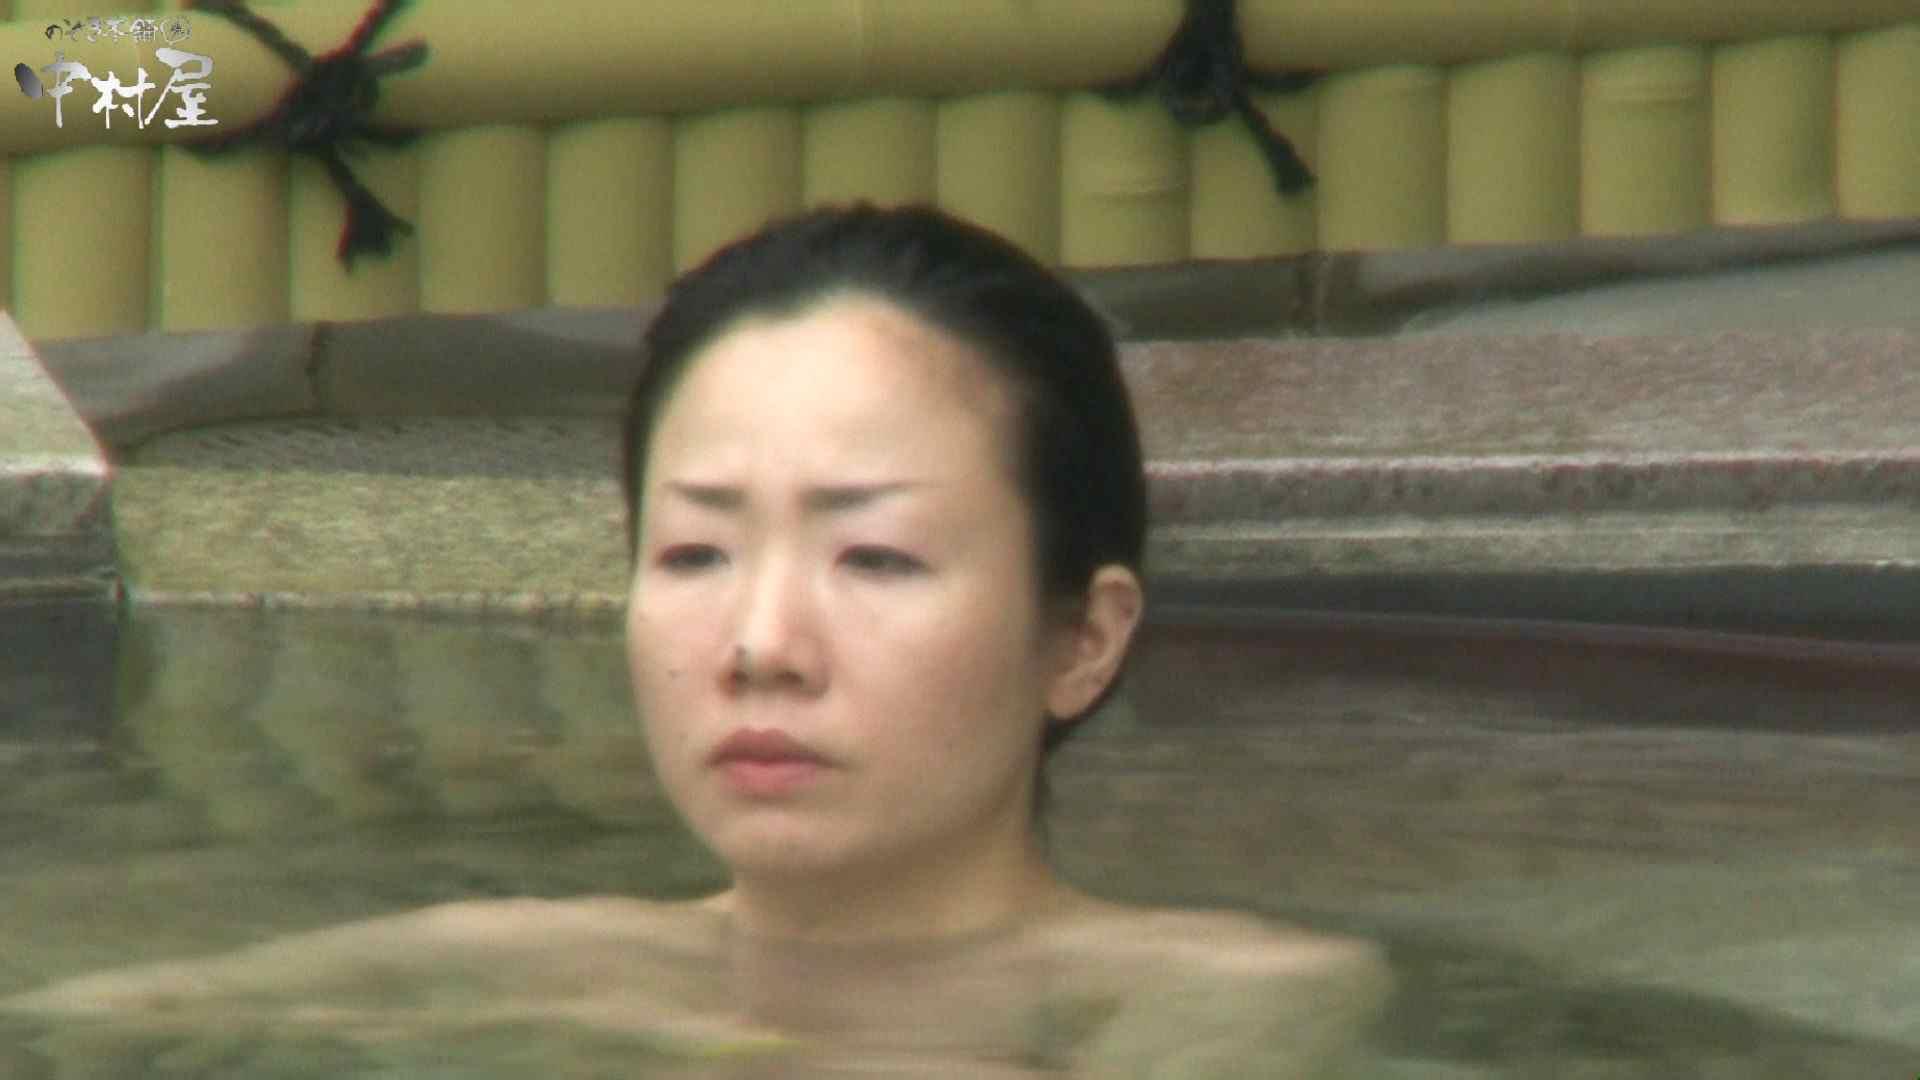 Aquaな露天風呂Vol.950 露天 | 盗撮  61画像 13